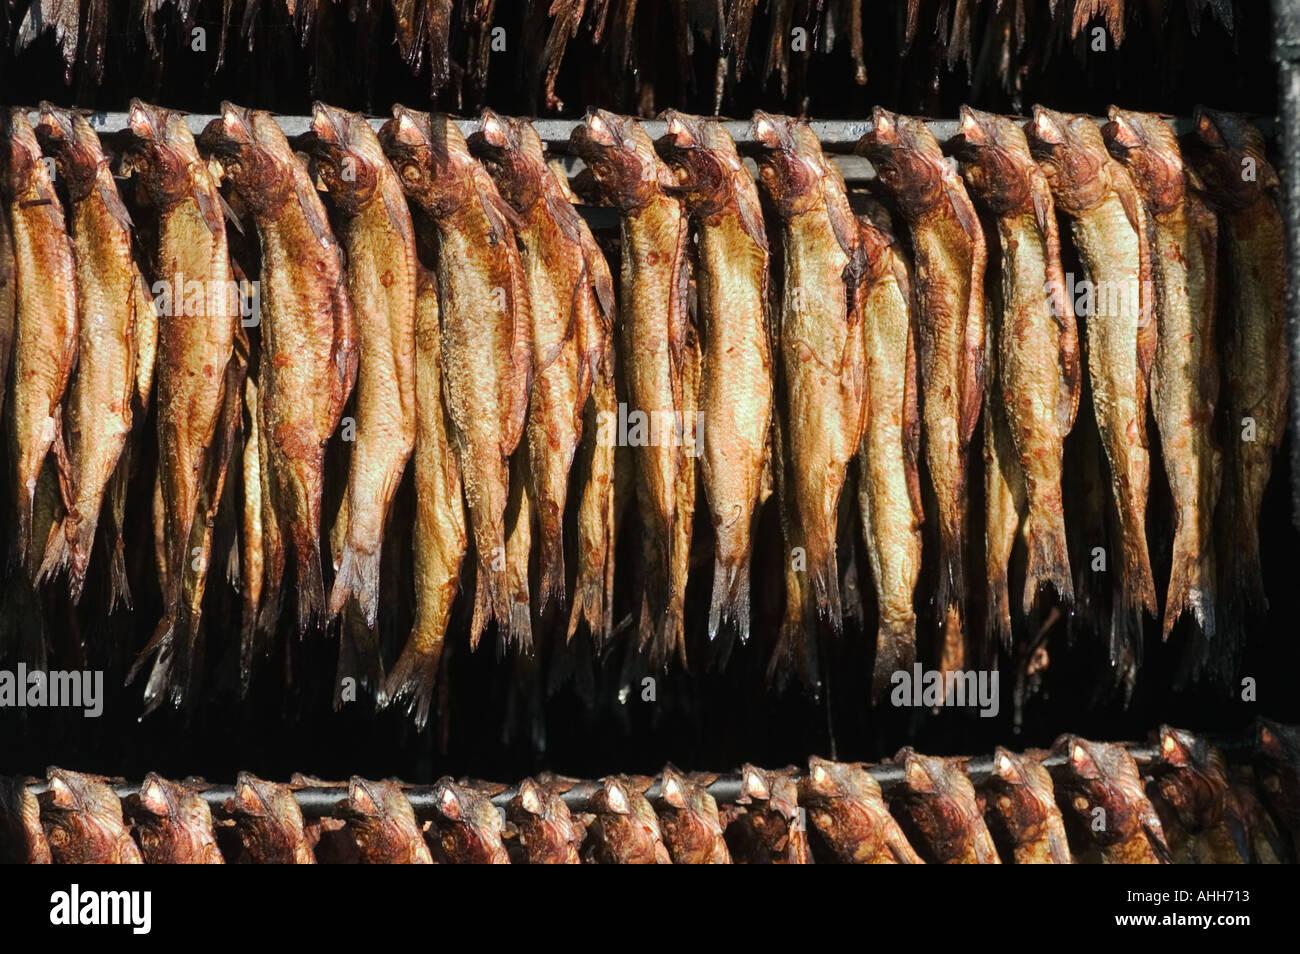 Herring hang in smokehouse Cap Pele New Brunswick Canada - Stock Image